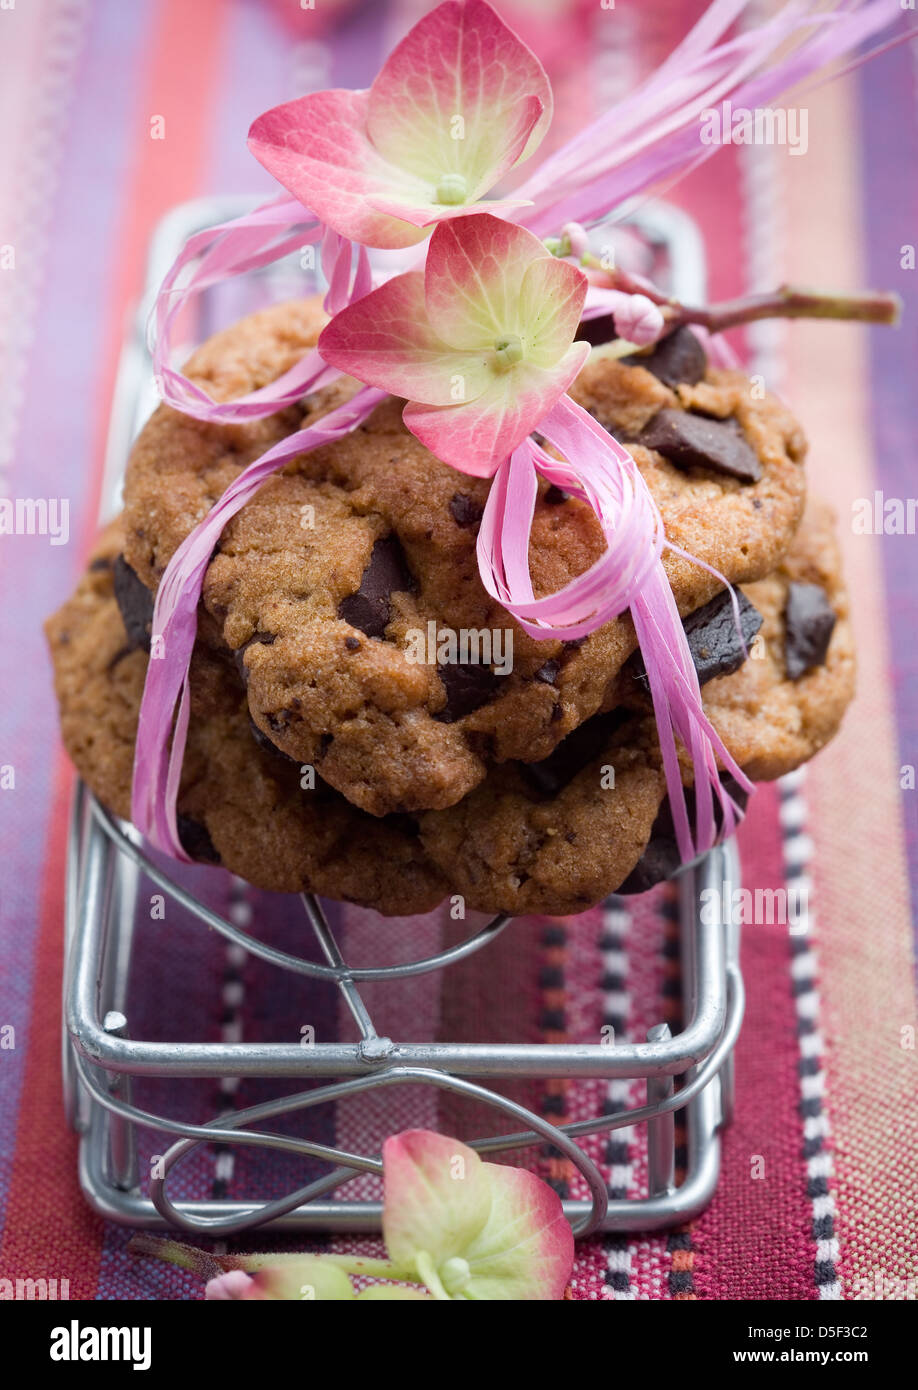 Pila di deliziosi biscotti con scaglie di cioccolato sul tavolo Immagini Stock